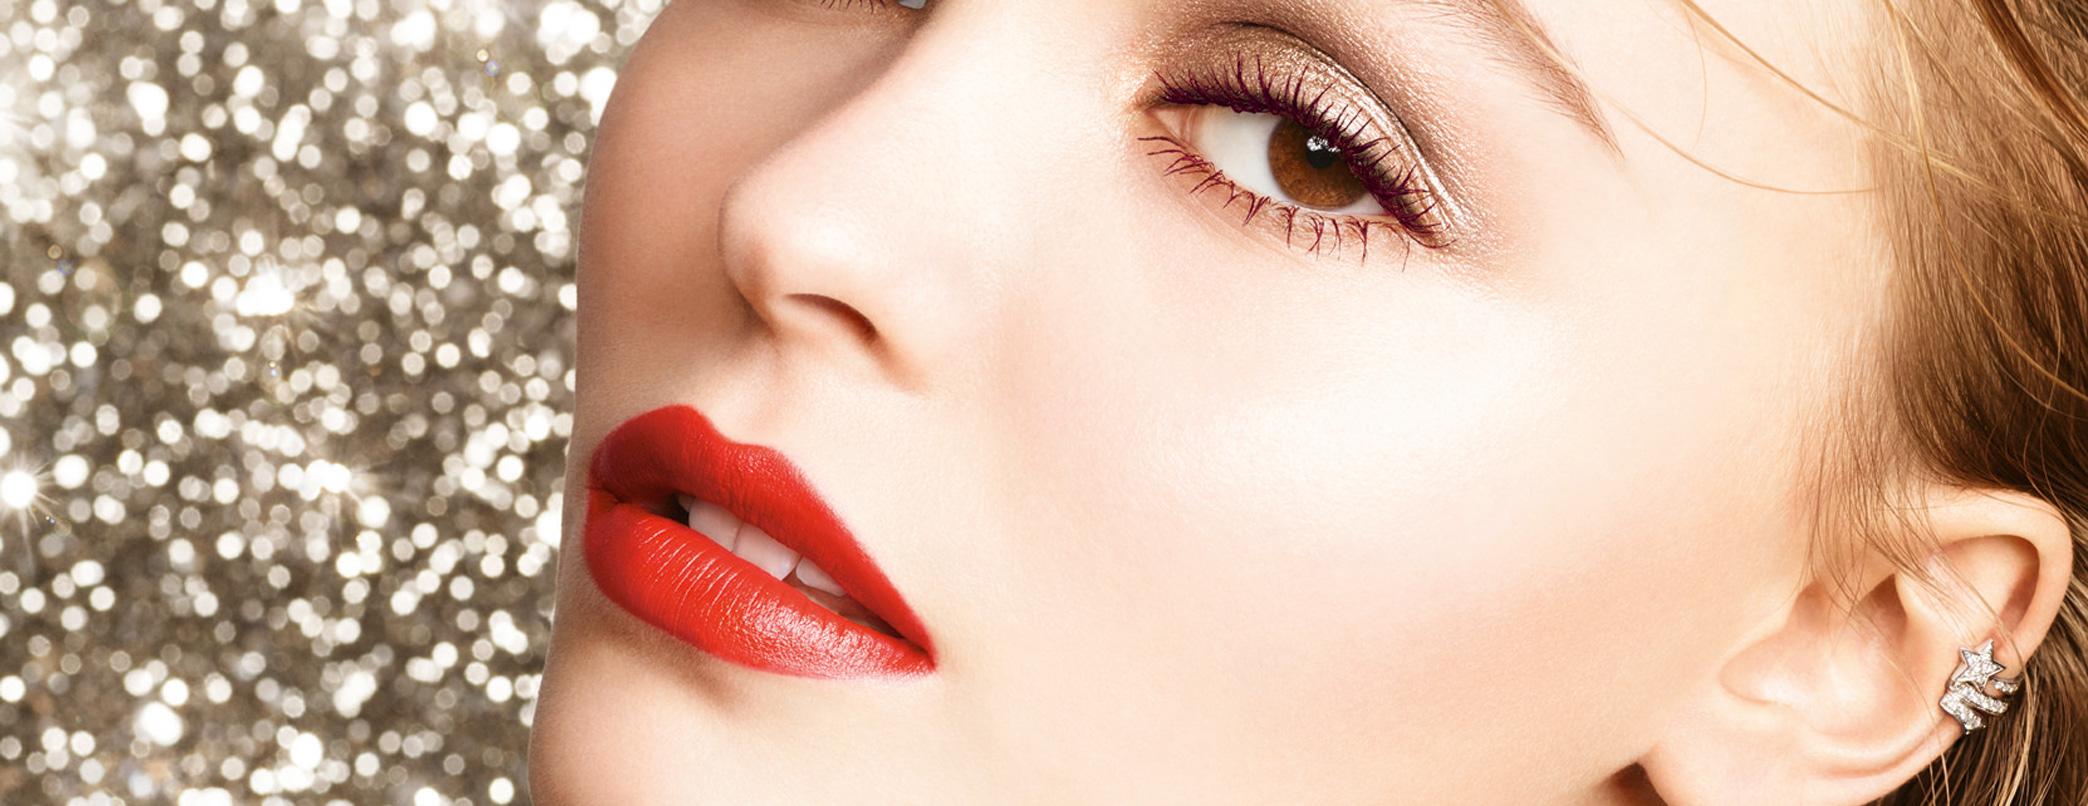 Collection Libre: Koleksi Make-up yang Terinspirasi dari Gabrielle Chanel